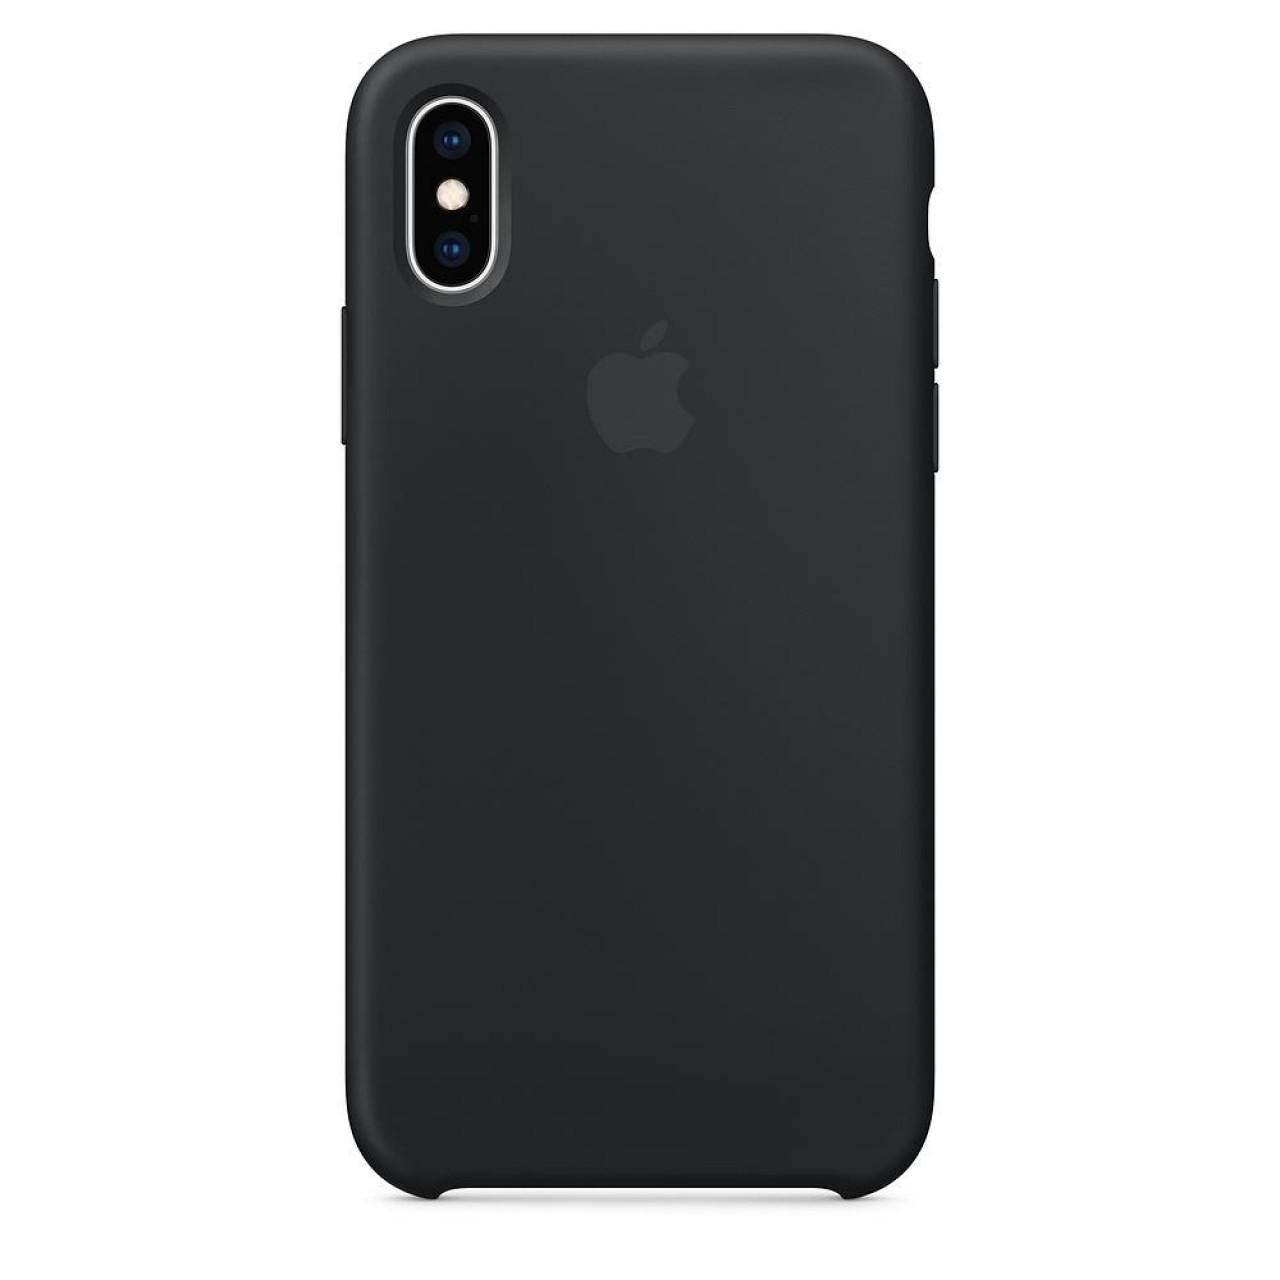 ΘΗΚΗ ΠΡΟΣΤΑΣΙΑΣ ΣΙΛΙΚΟΝΗΣ ΓΙΑ iPhone XR ΜΑΥΡΗ - BACK COVER SILICON CASE BLACK - OEM